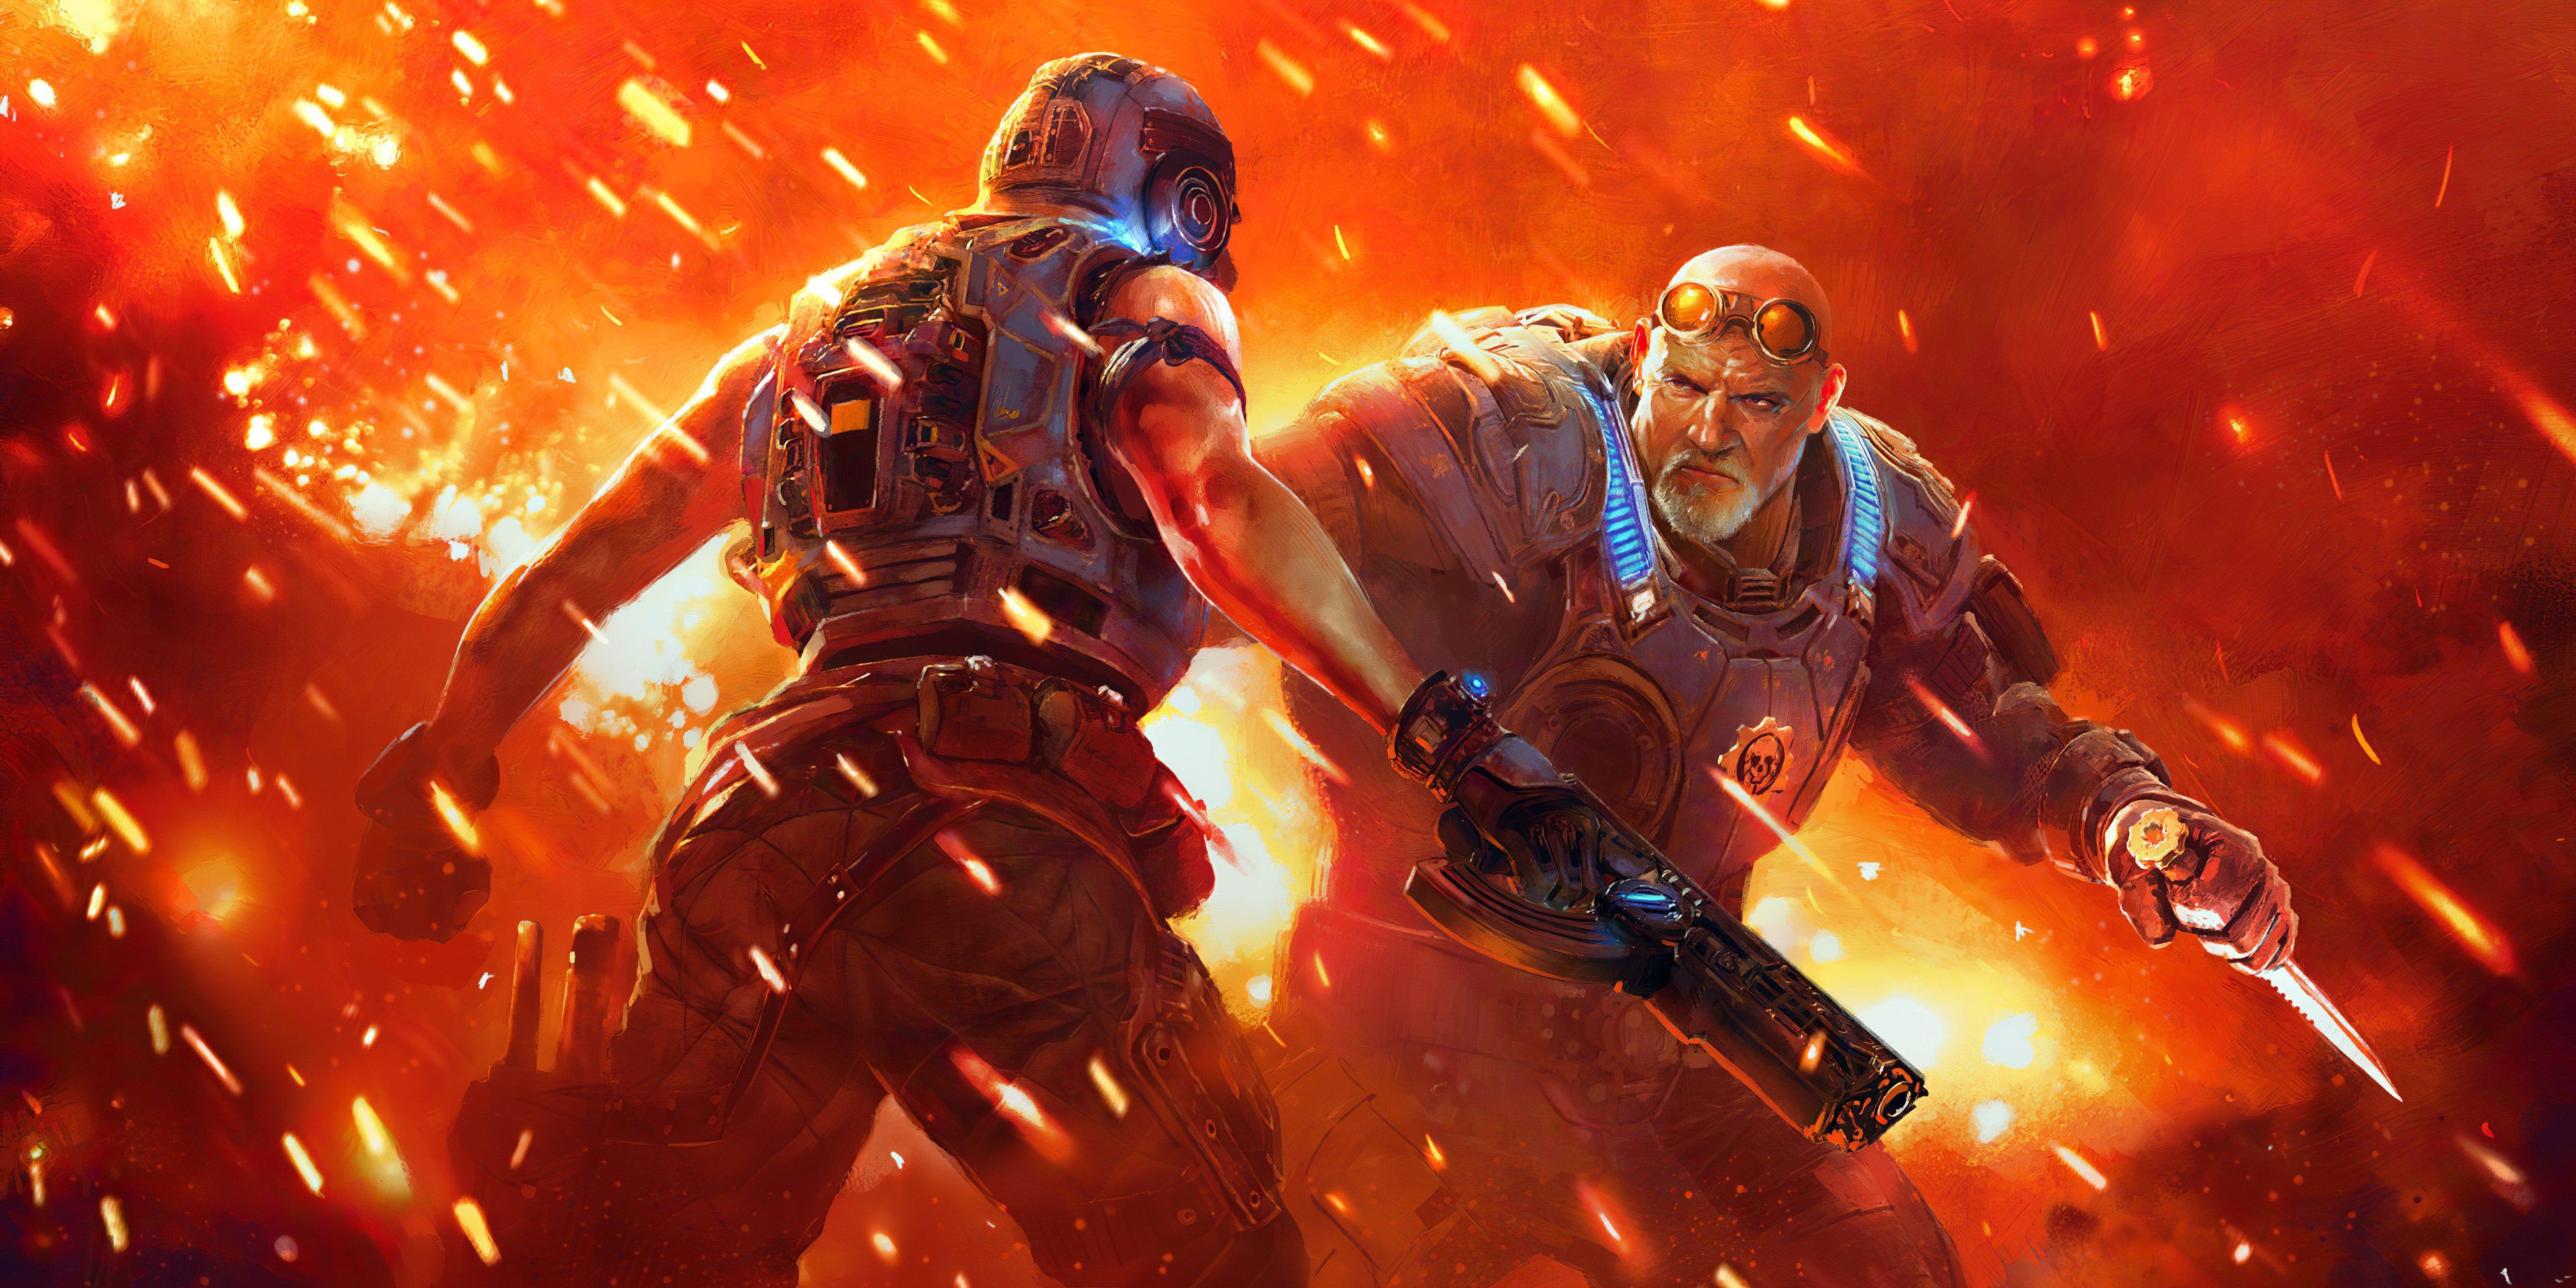 Wallpaper Fight in Gears 5